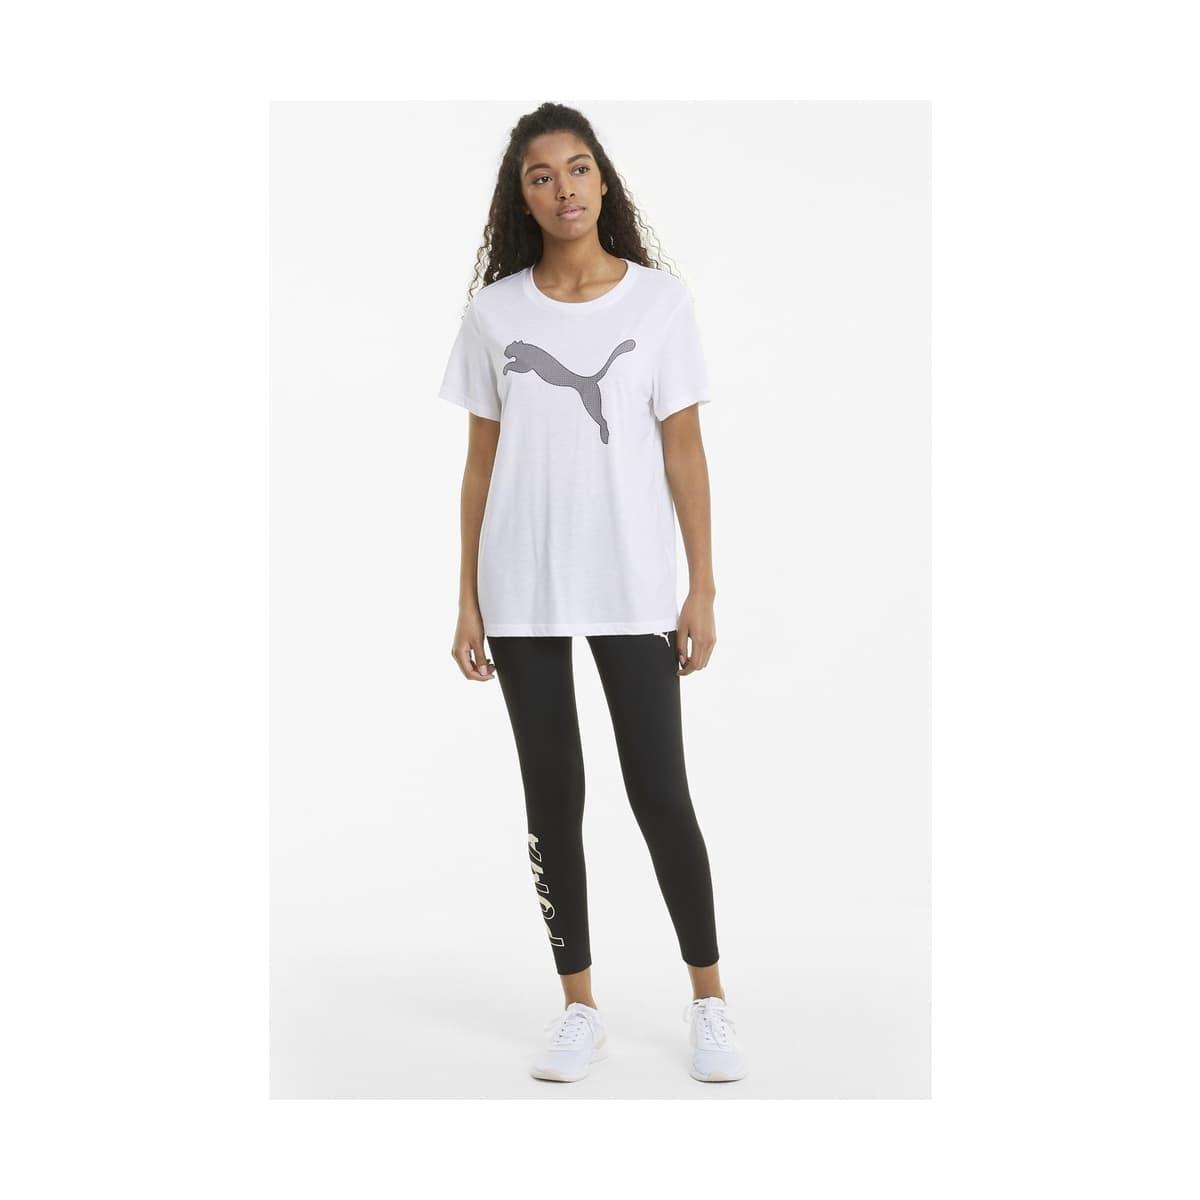 Evostripe Kadın Beyaz Spor Tişört (585941-02)